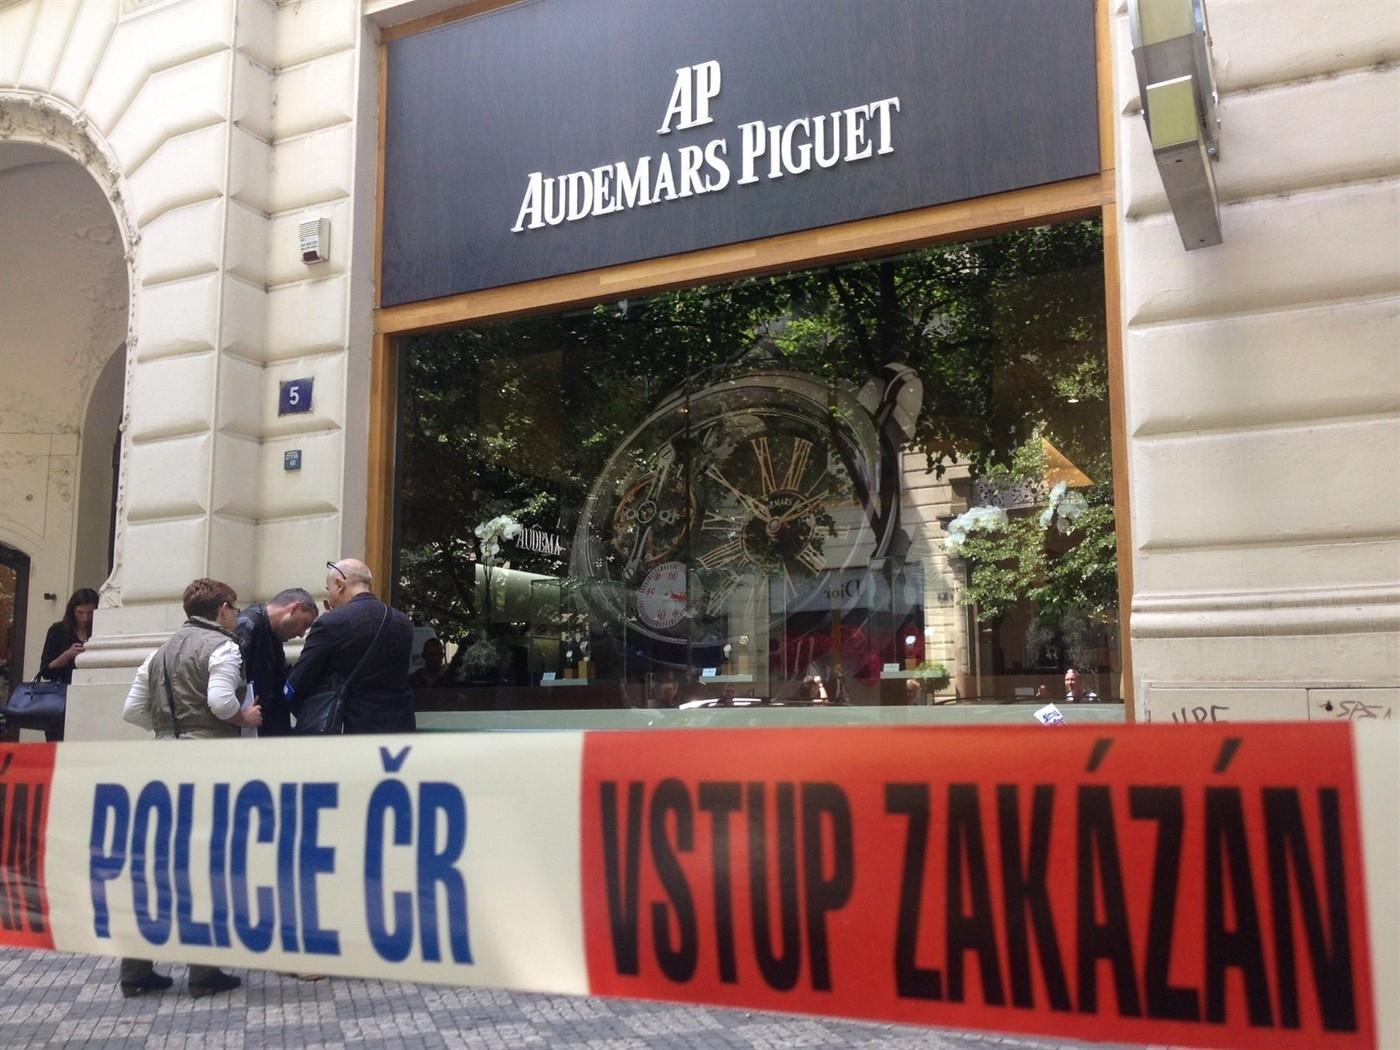 Tři rusky hovořící muži přepadli klenotnictví v Pařížské ulici v Praze a odnesli hodinky za miliony (19.5.2014);Audemars Piguet hodinky, přepadení (19